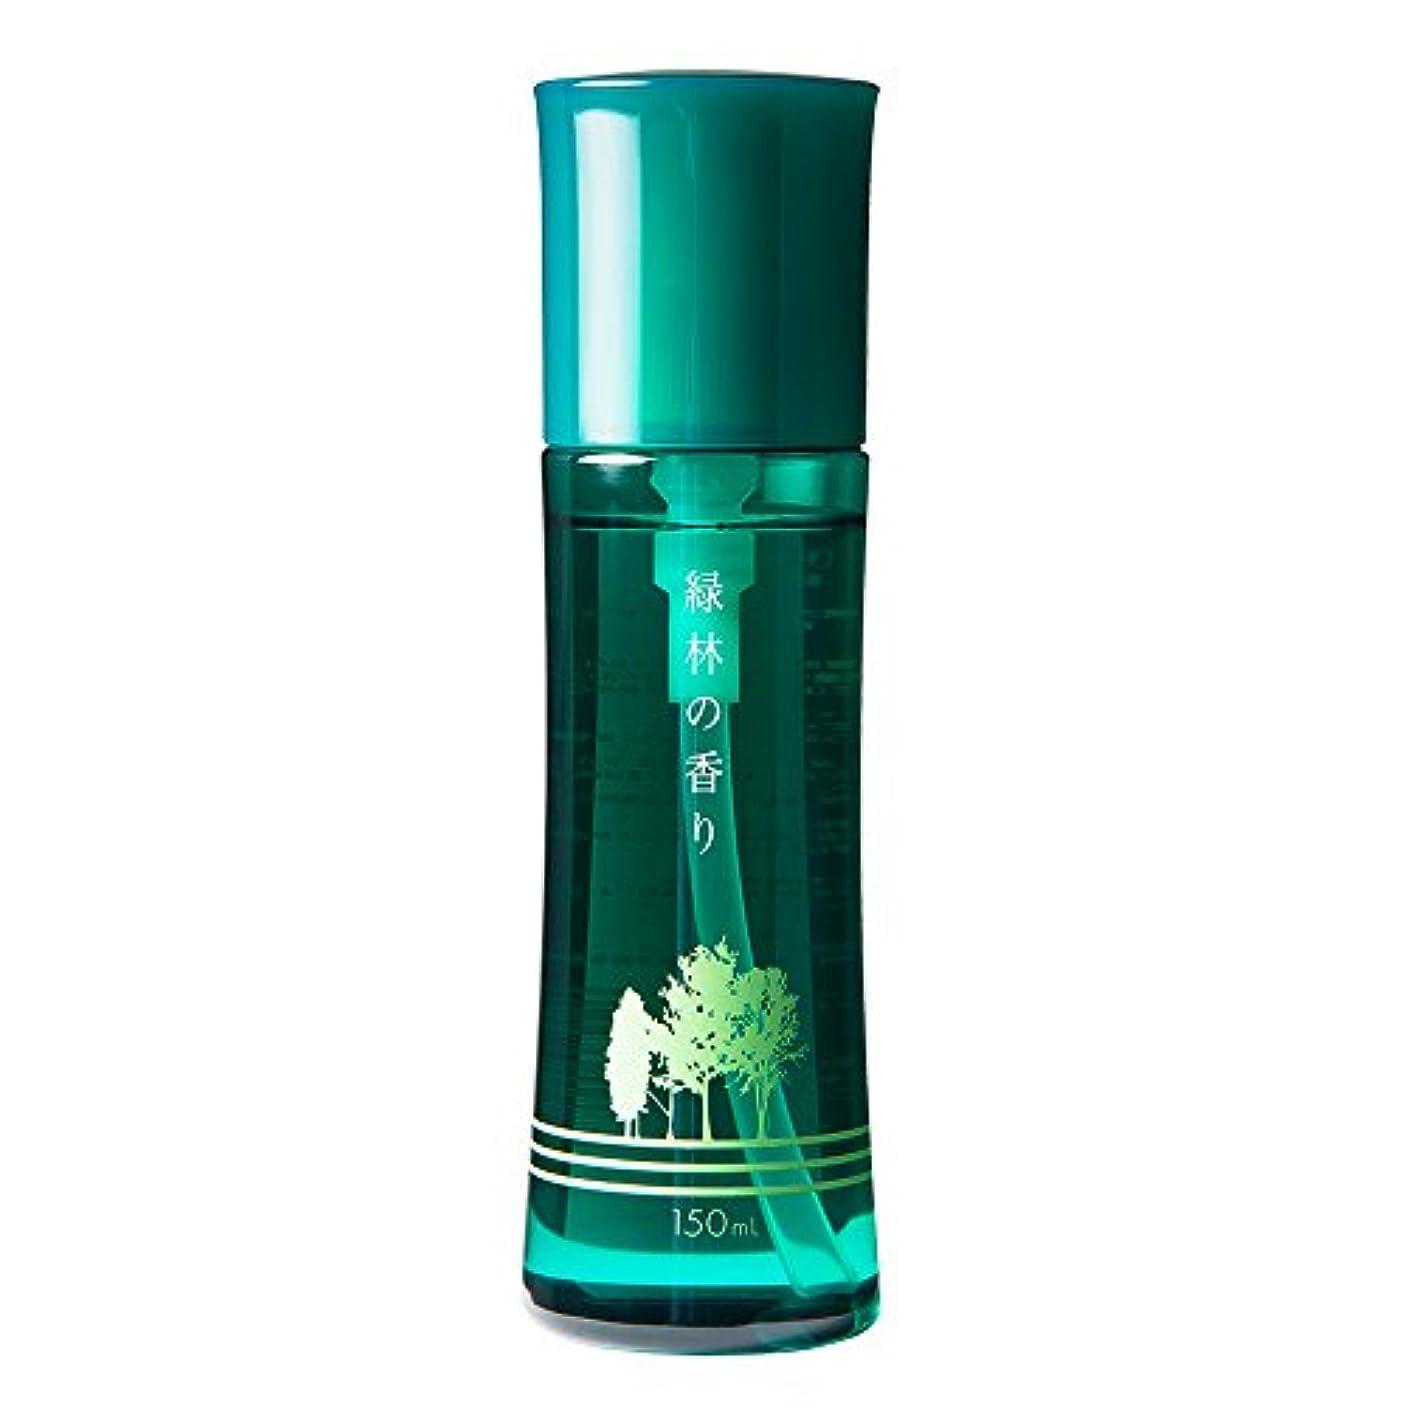 混雑シェアアシスト芳香剤「緑林の香り(みどりの香り)」150mL 日本予防医薬